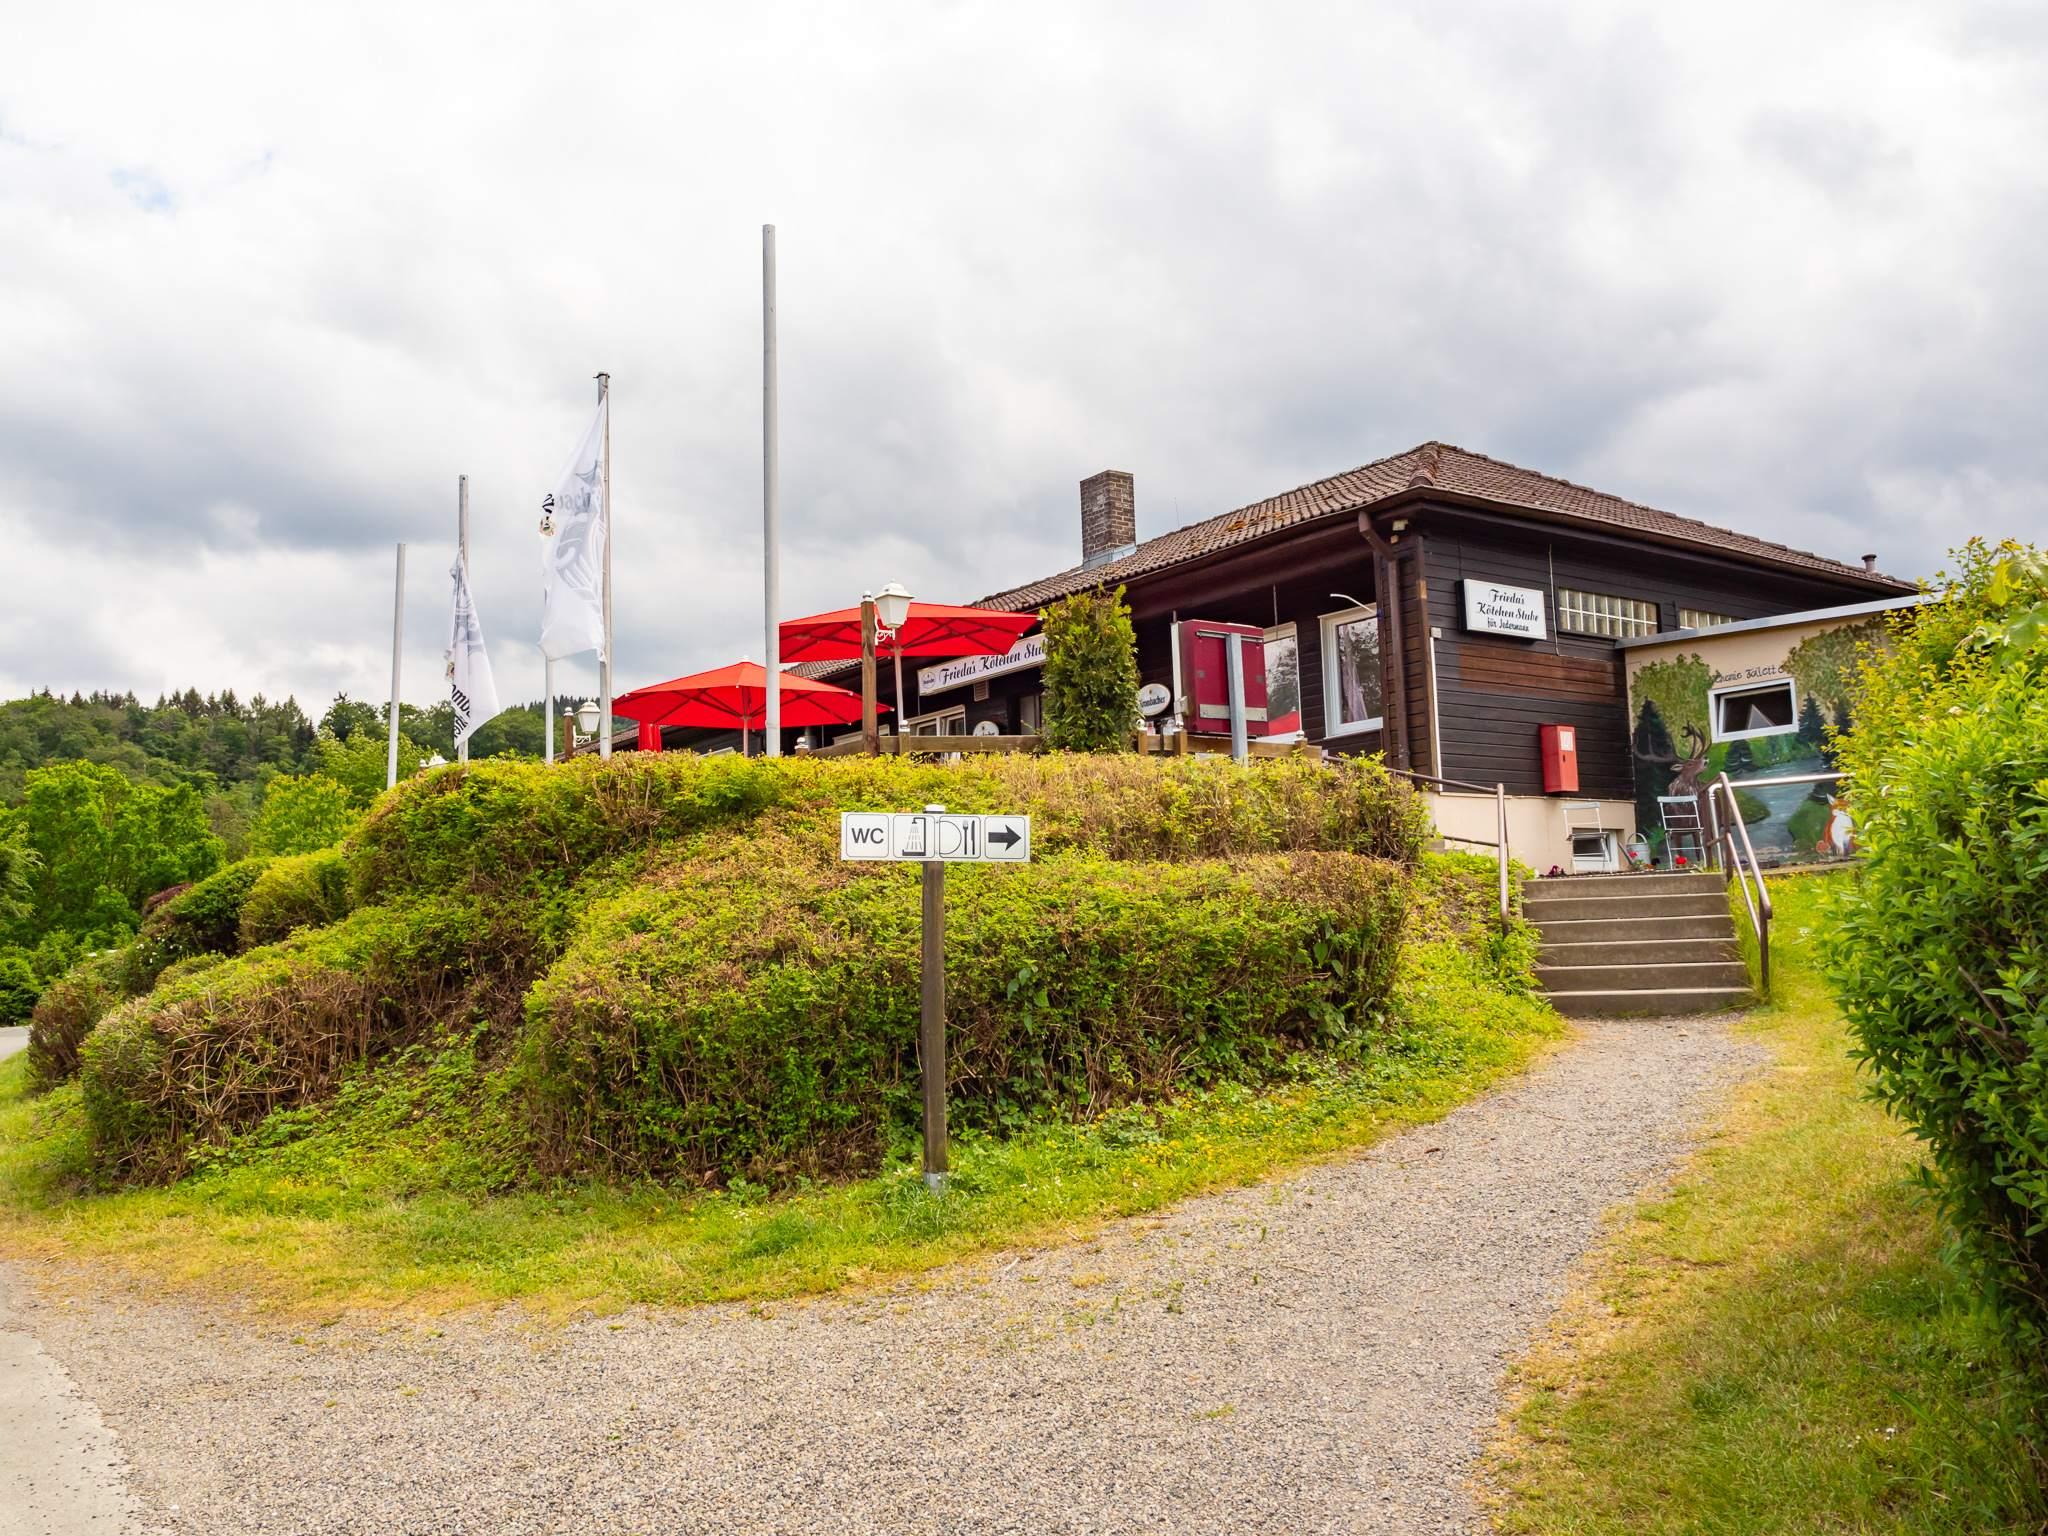 Campingplatz am Krähenberg in Wolfshagen - Gaststätte